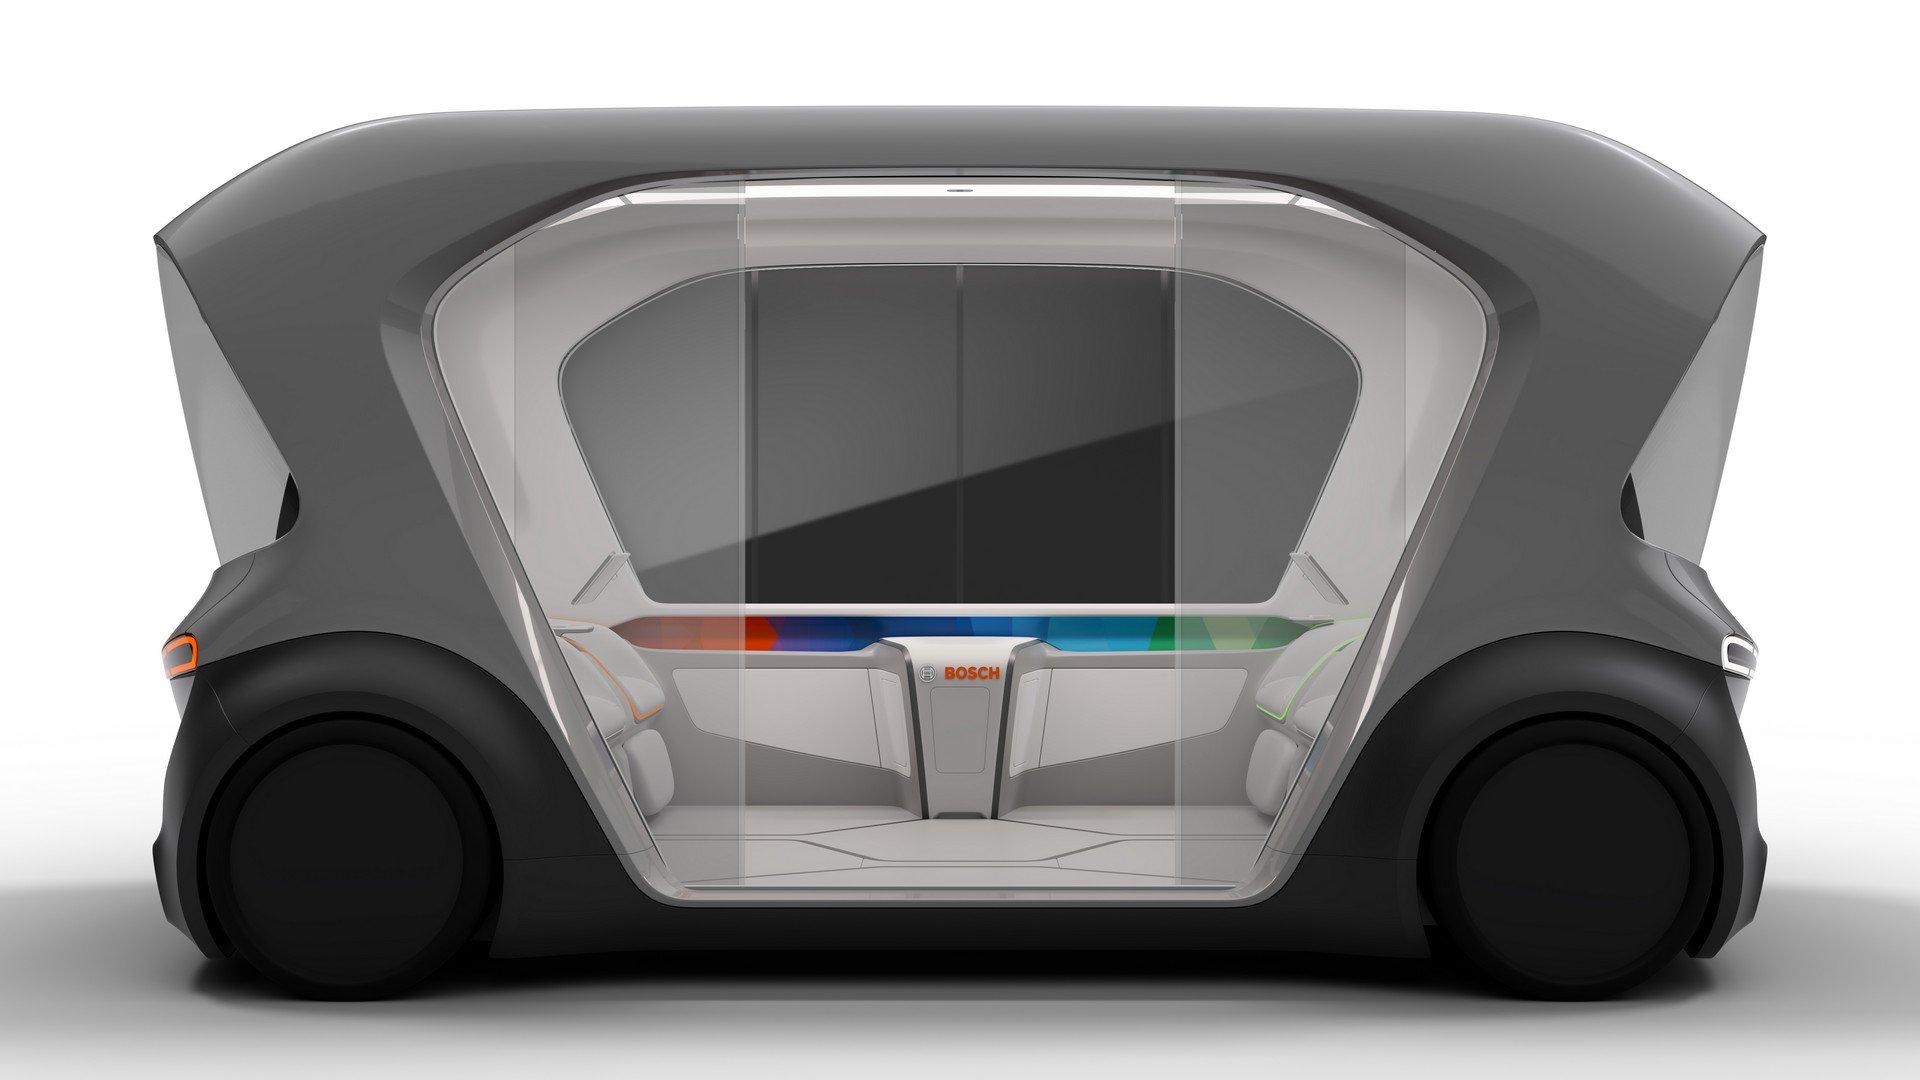 Bosch Shuttle Concept